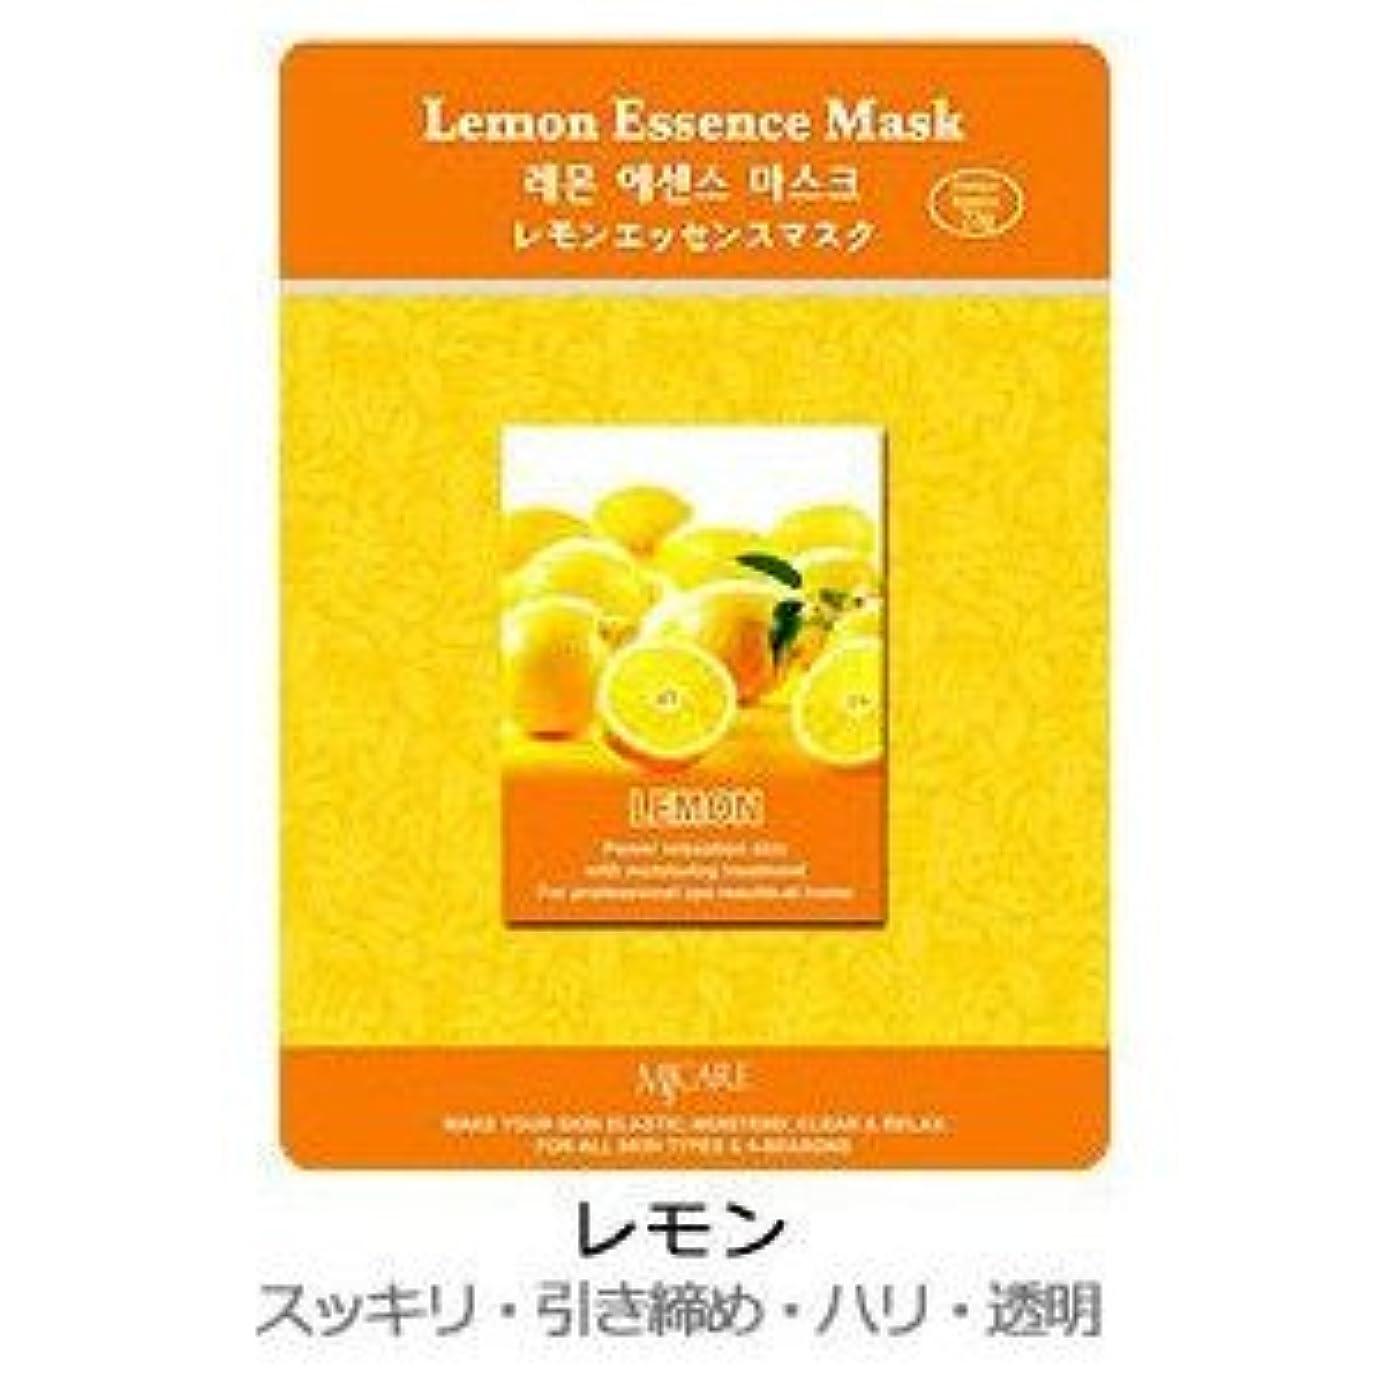 分離暖かく切り下げMJ-CAREエッセンスマスク レモン10枚セット